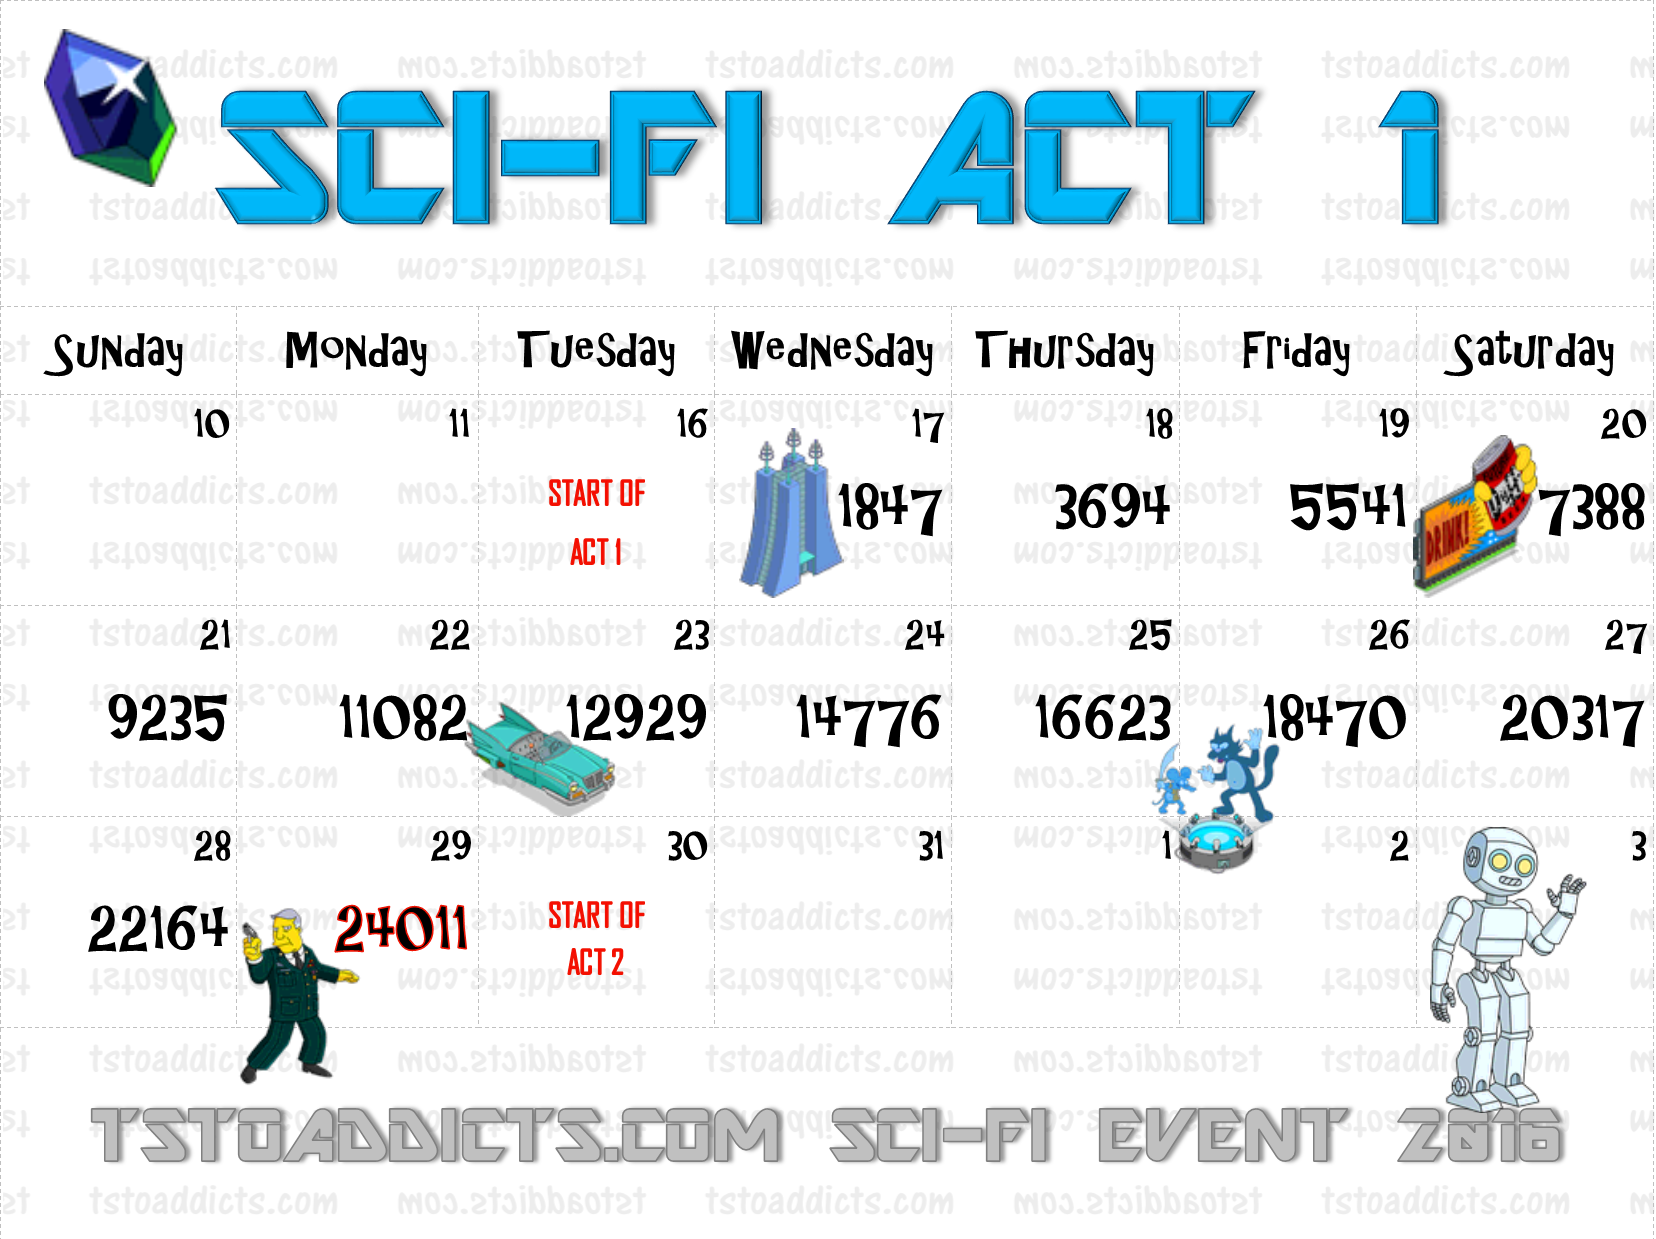 sci-fi-act-1-calendar.png